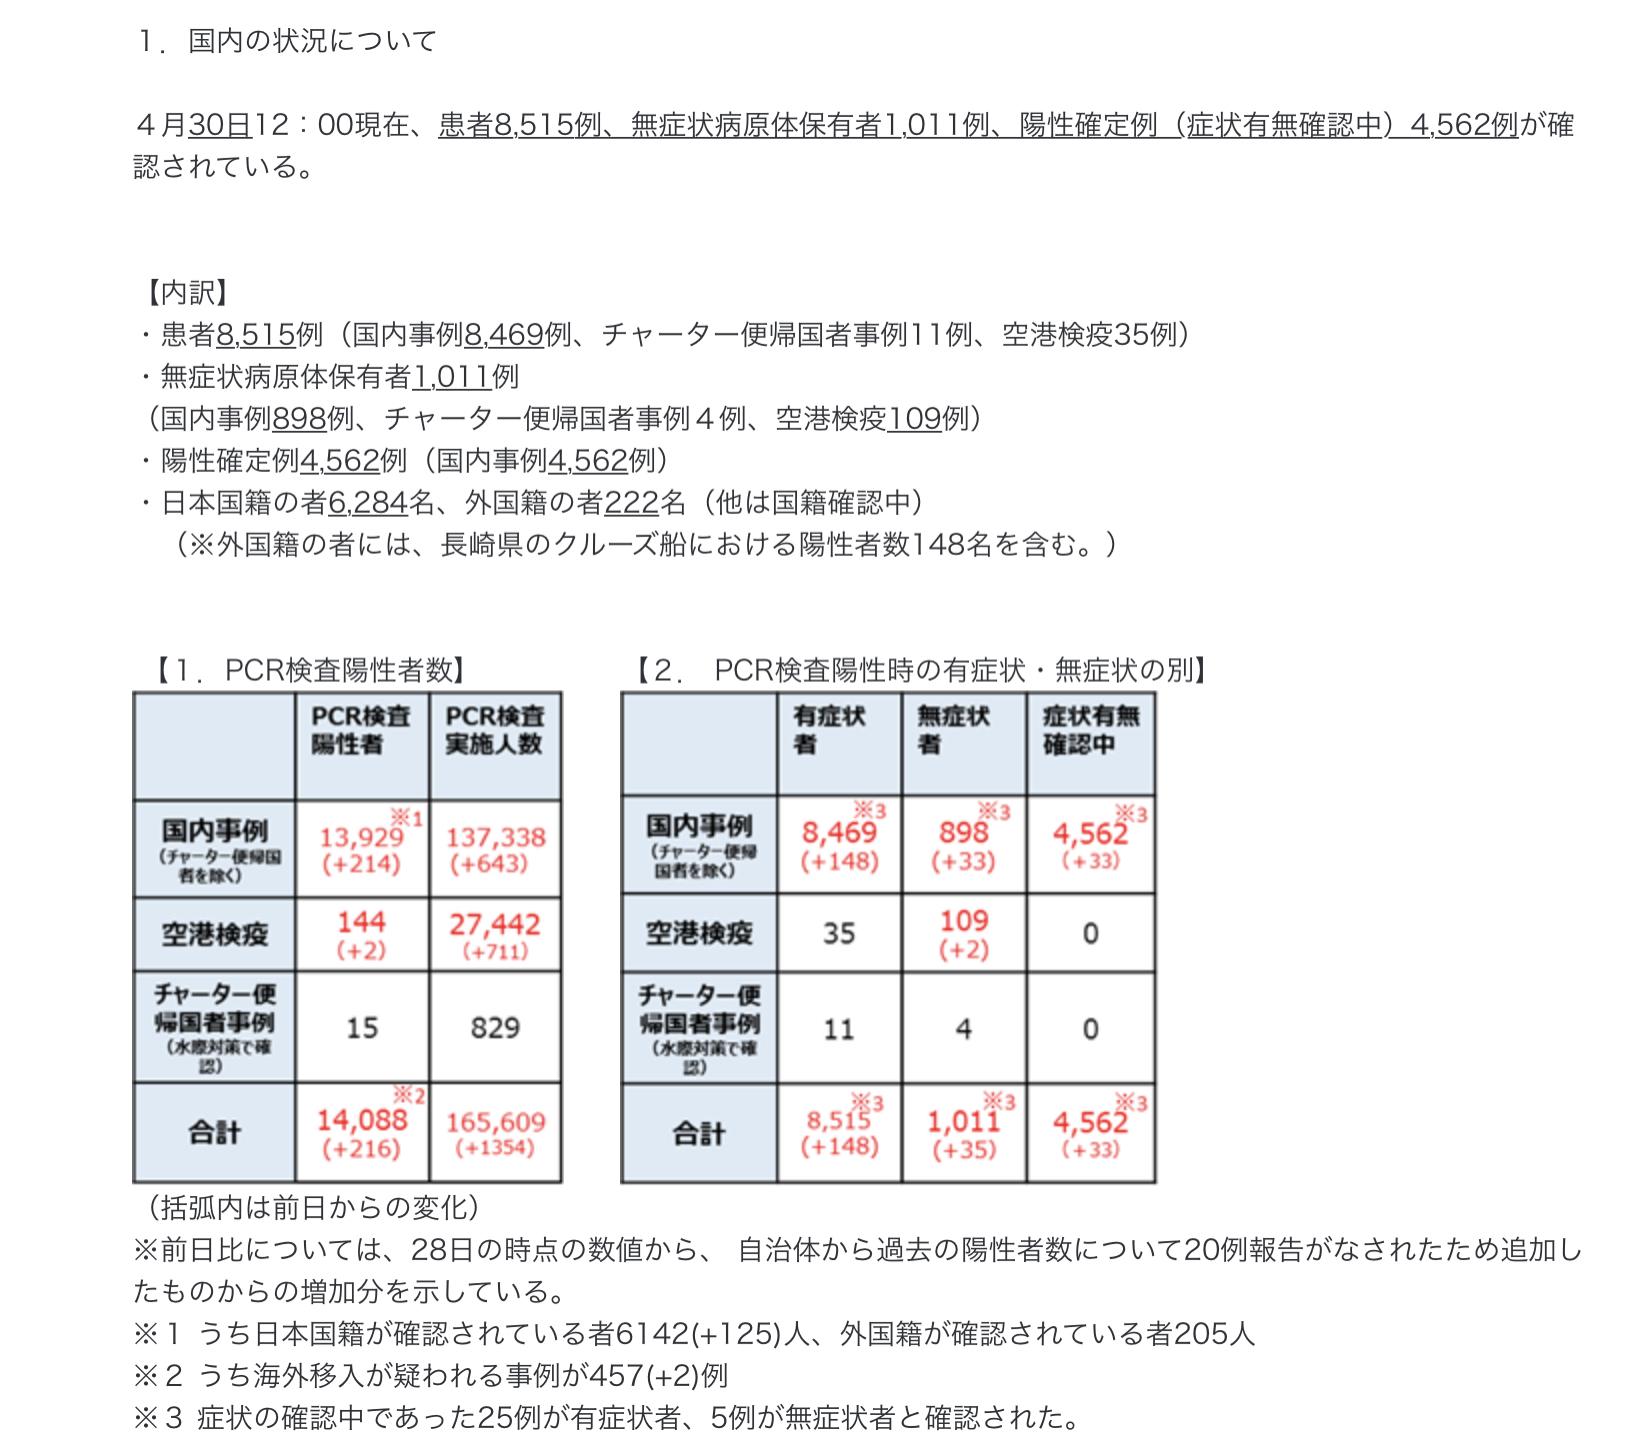 厚労省データ2 イメージ画像